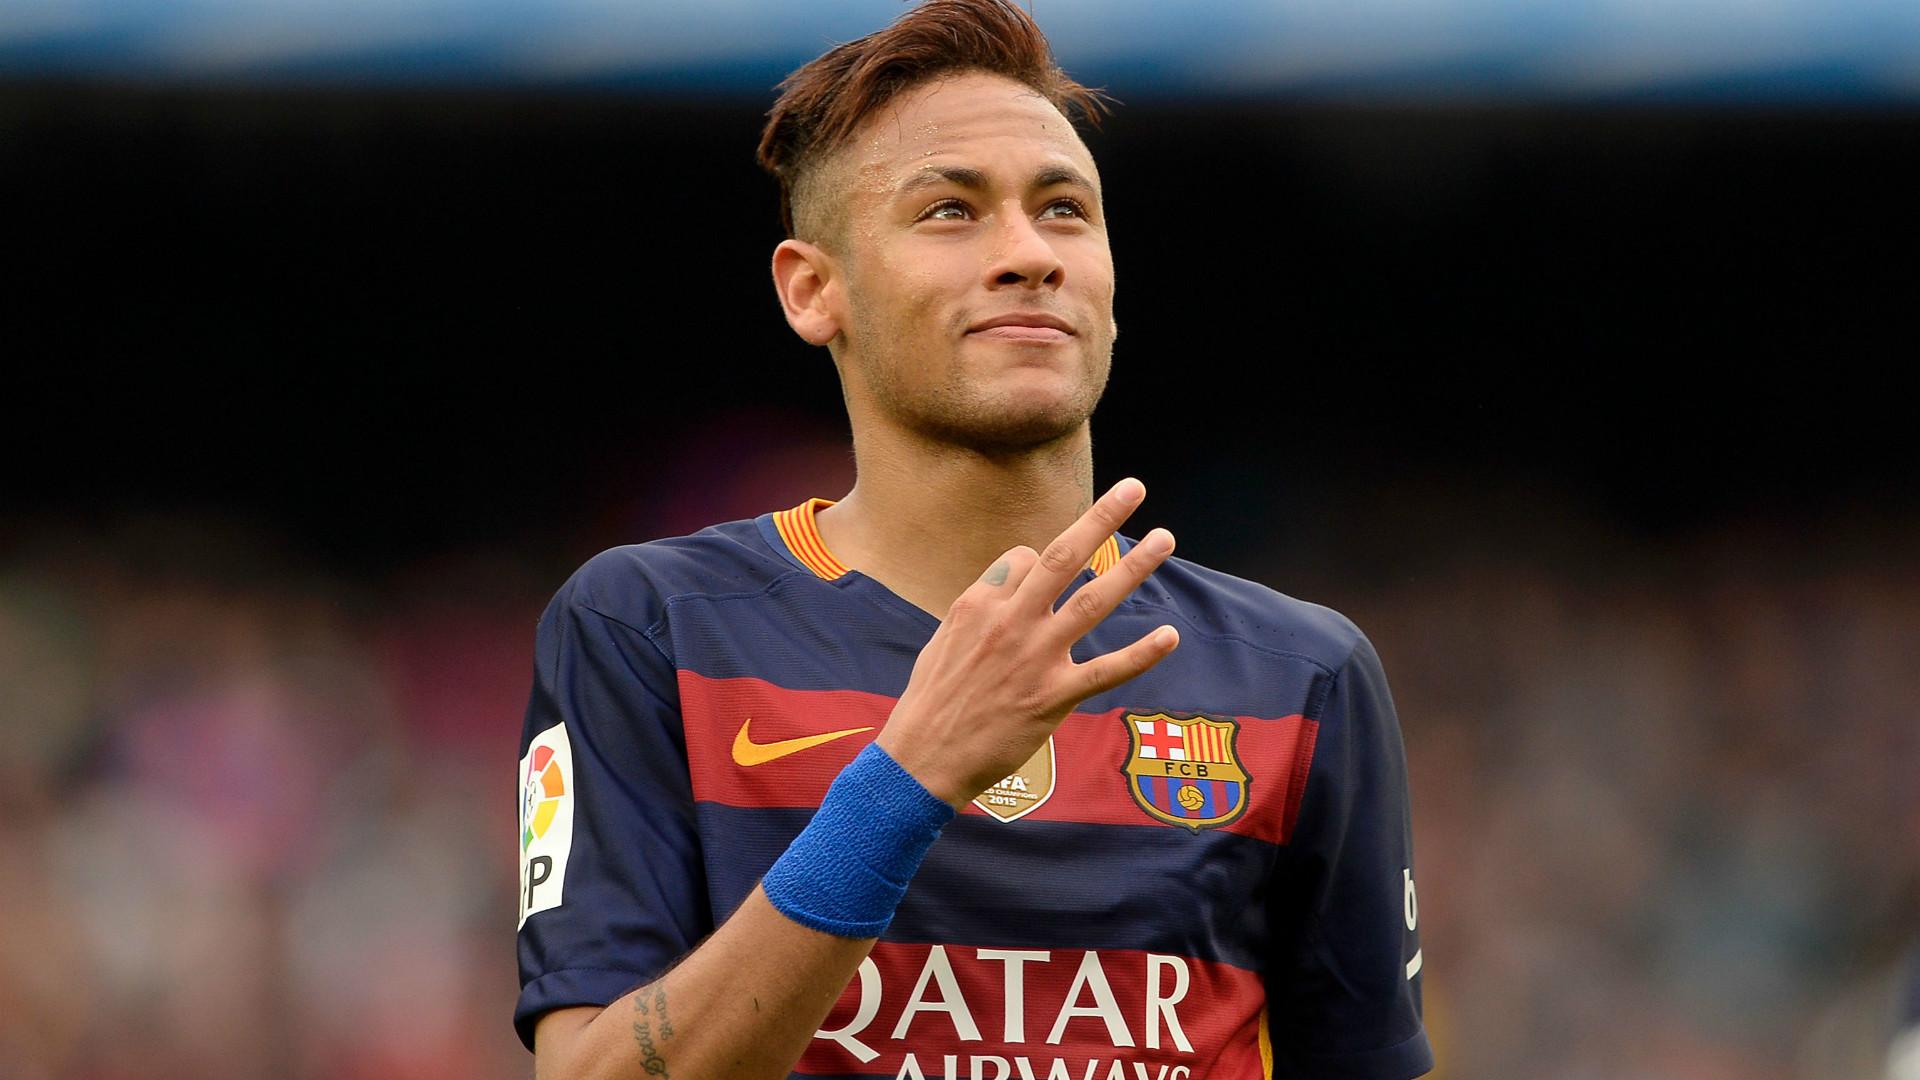 neymar-barcelona-espanyol-liga-bbva_18wwkuz3kzuj21s7cms5h76qwh